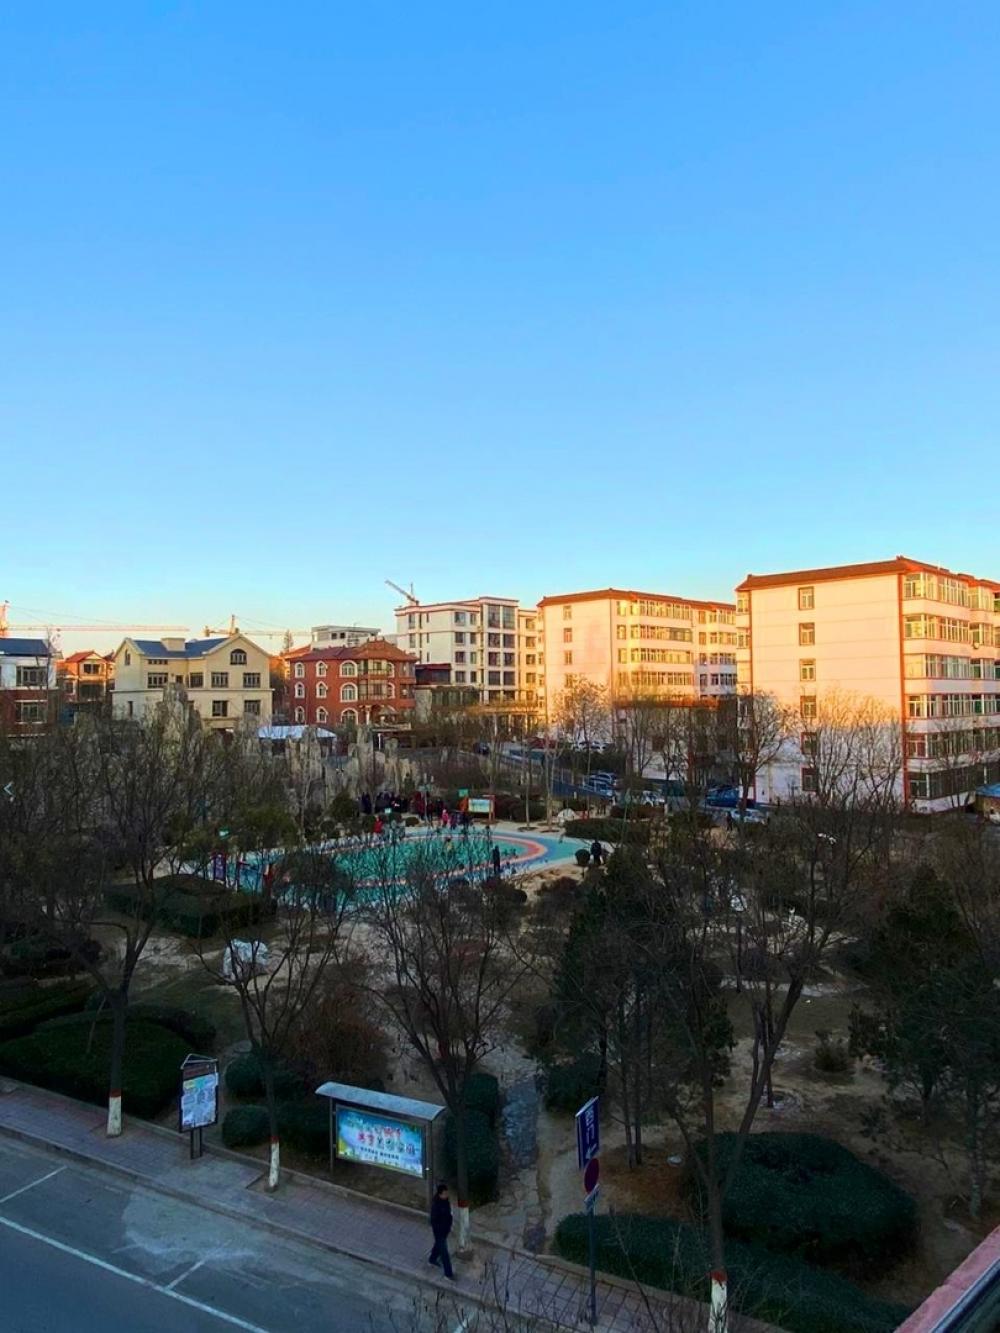 Из окна квартиры был виден стадион, на котором китайцы занимались ежедневно утром и вечером, пока не началась пандемия коронавируса.